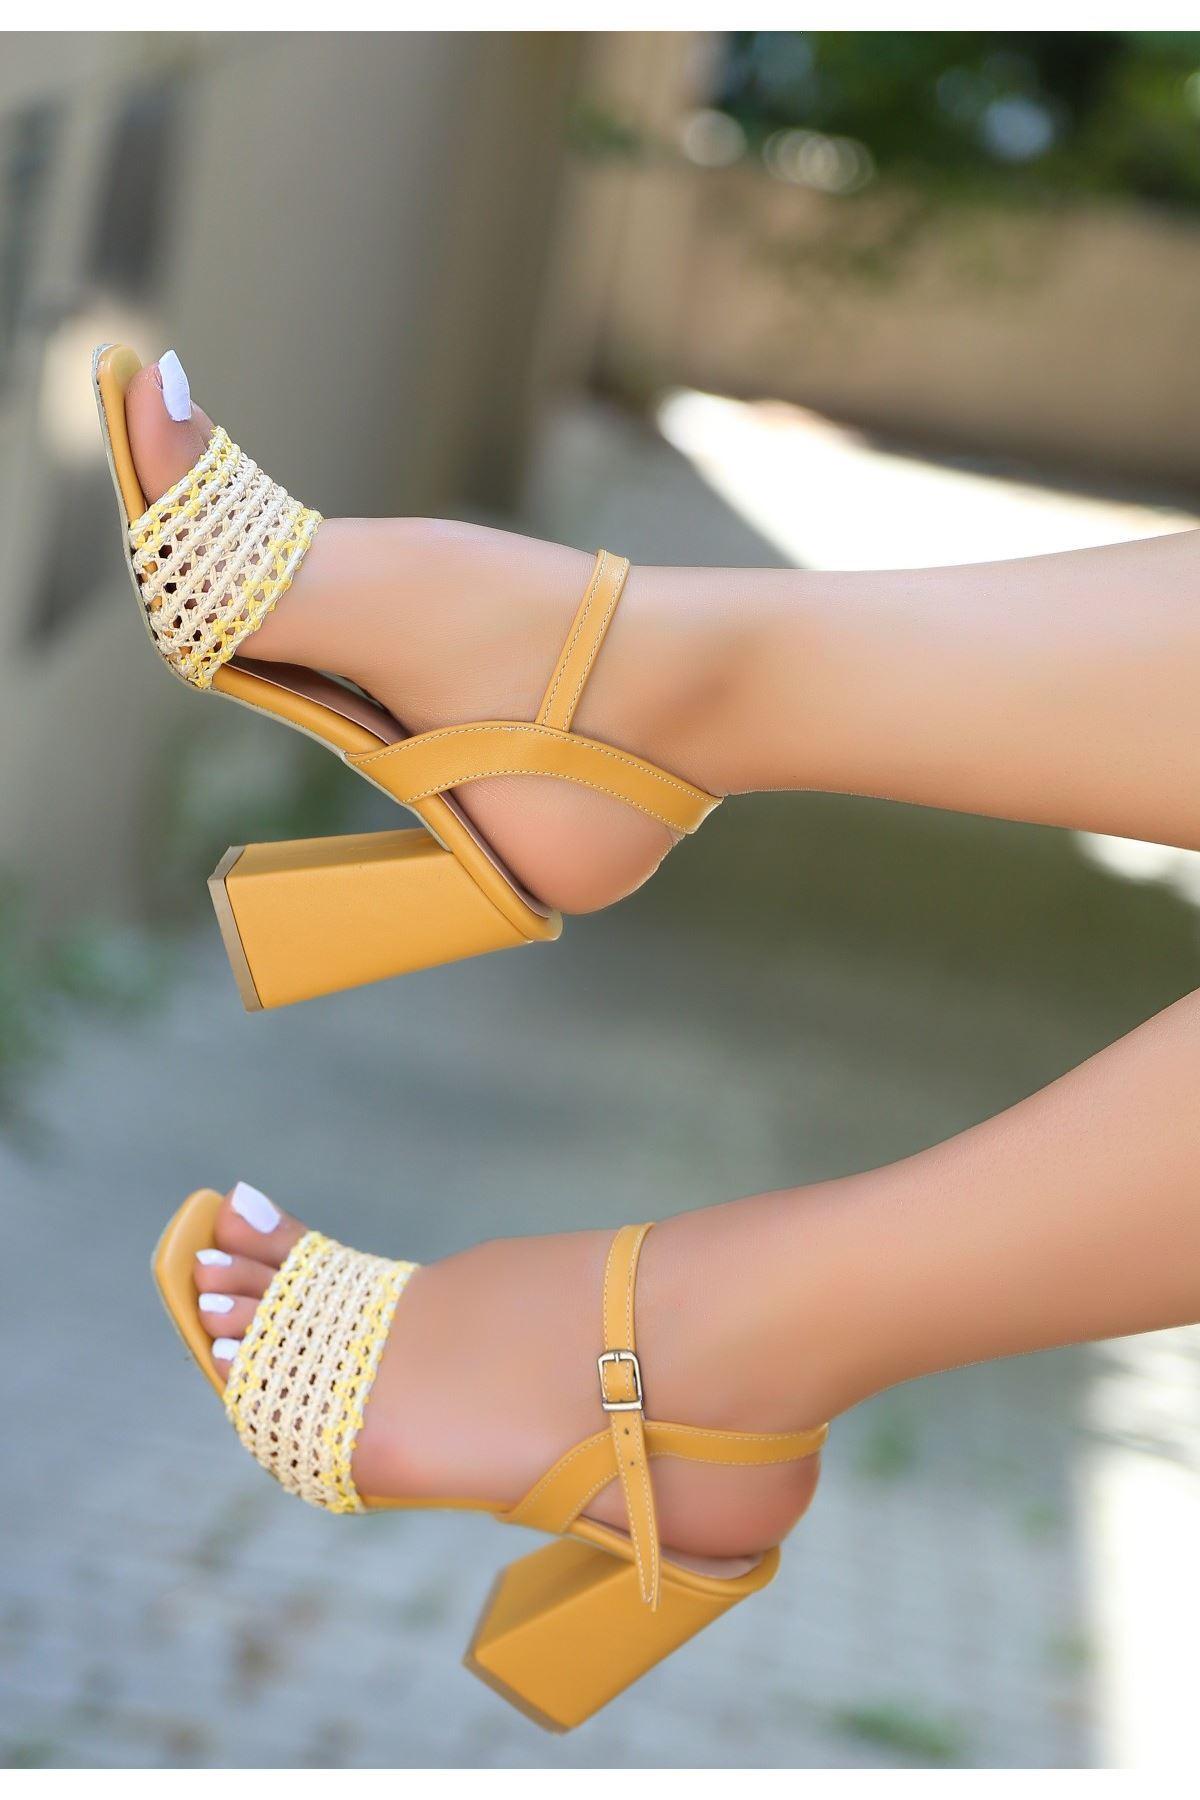 Sesto Hardal Cilt Örgülü Topuklu Ayakkabı